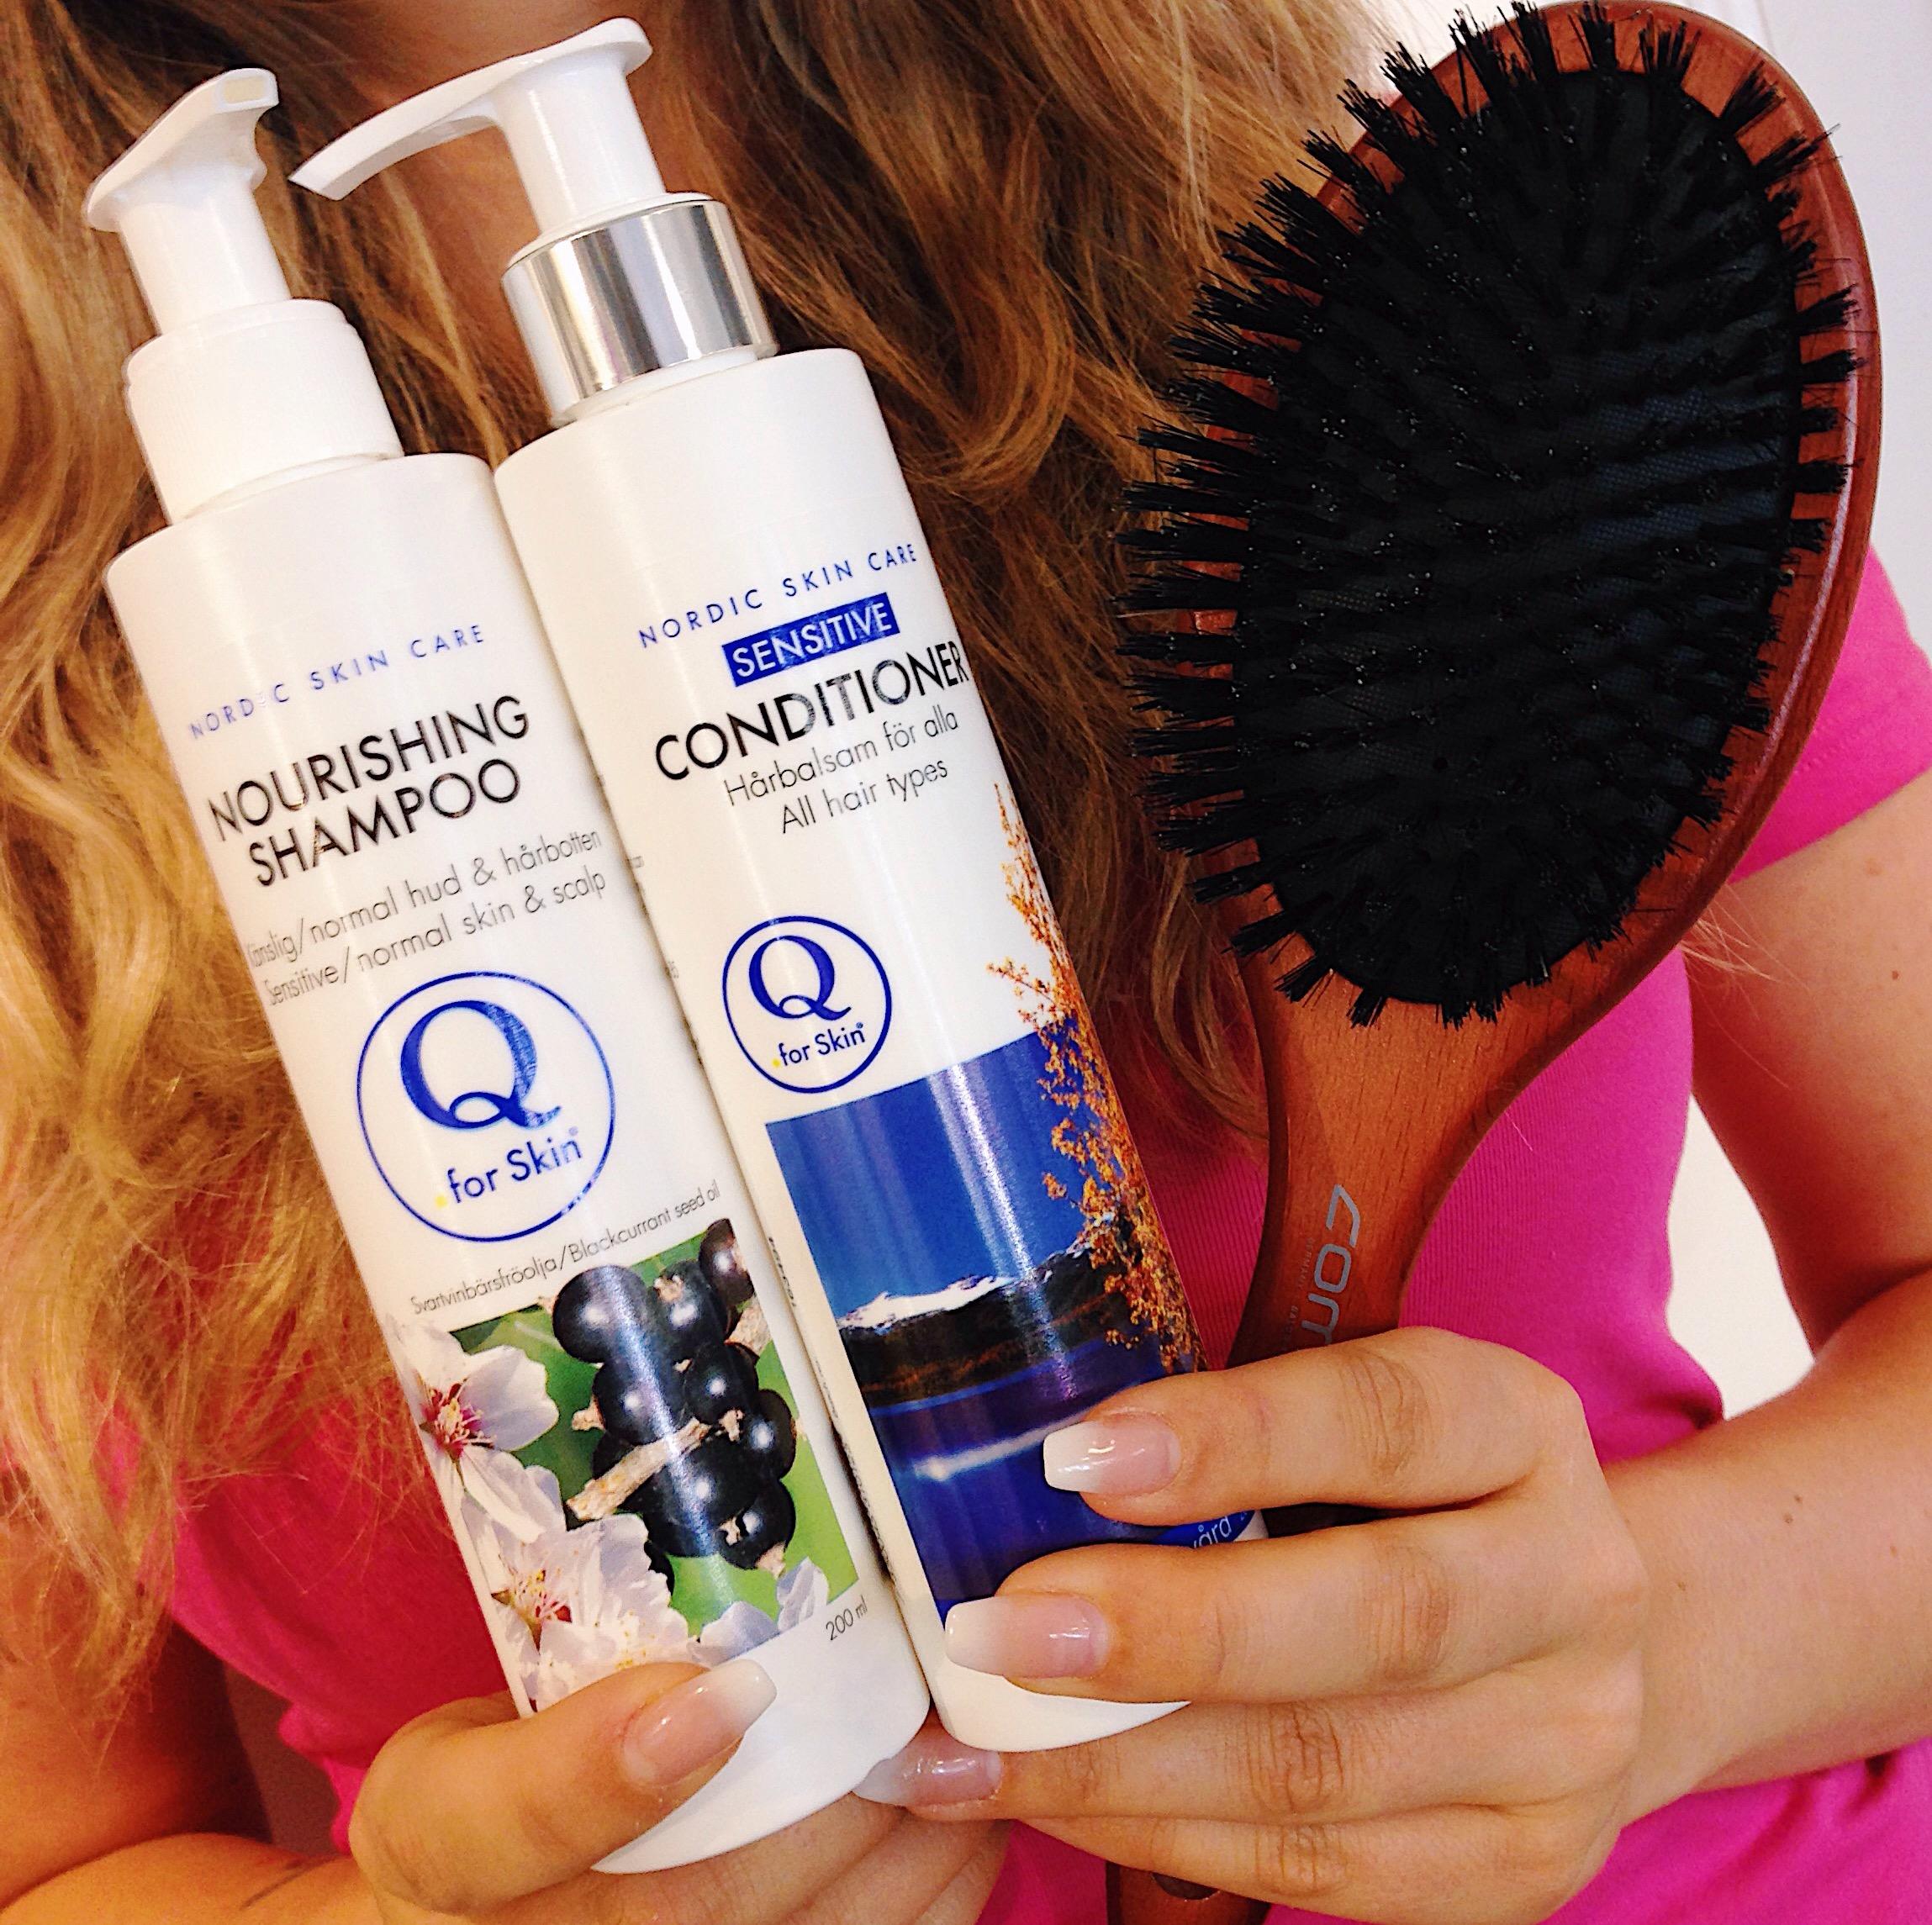 vackert hår - q for skin